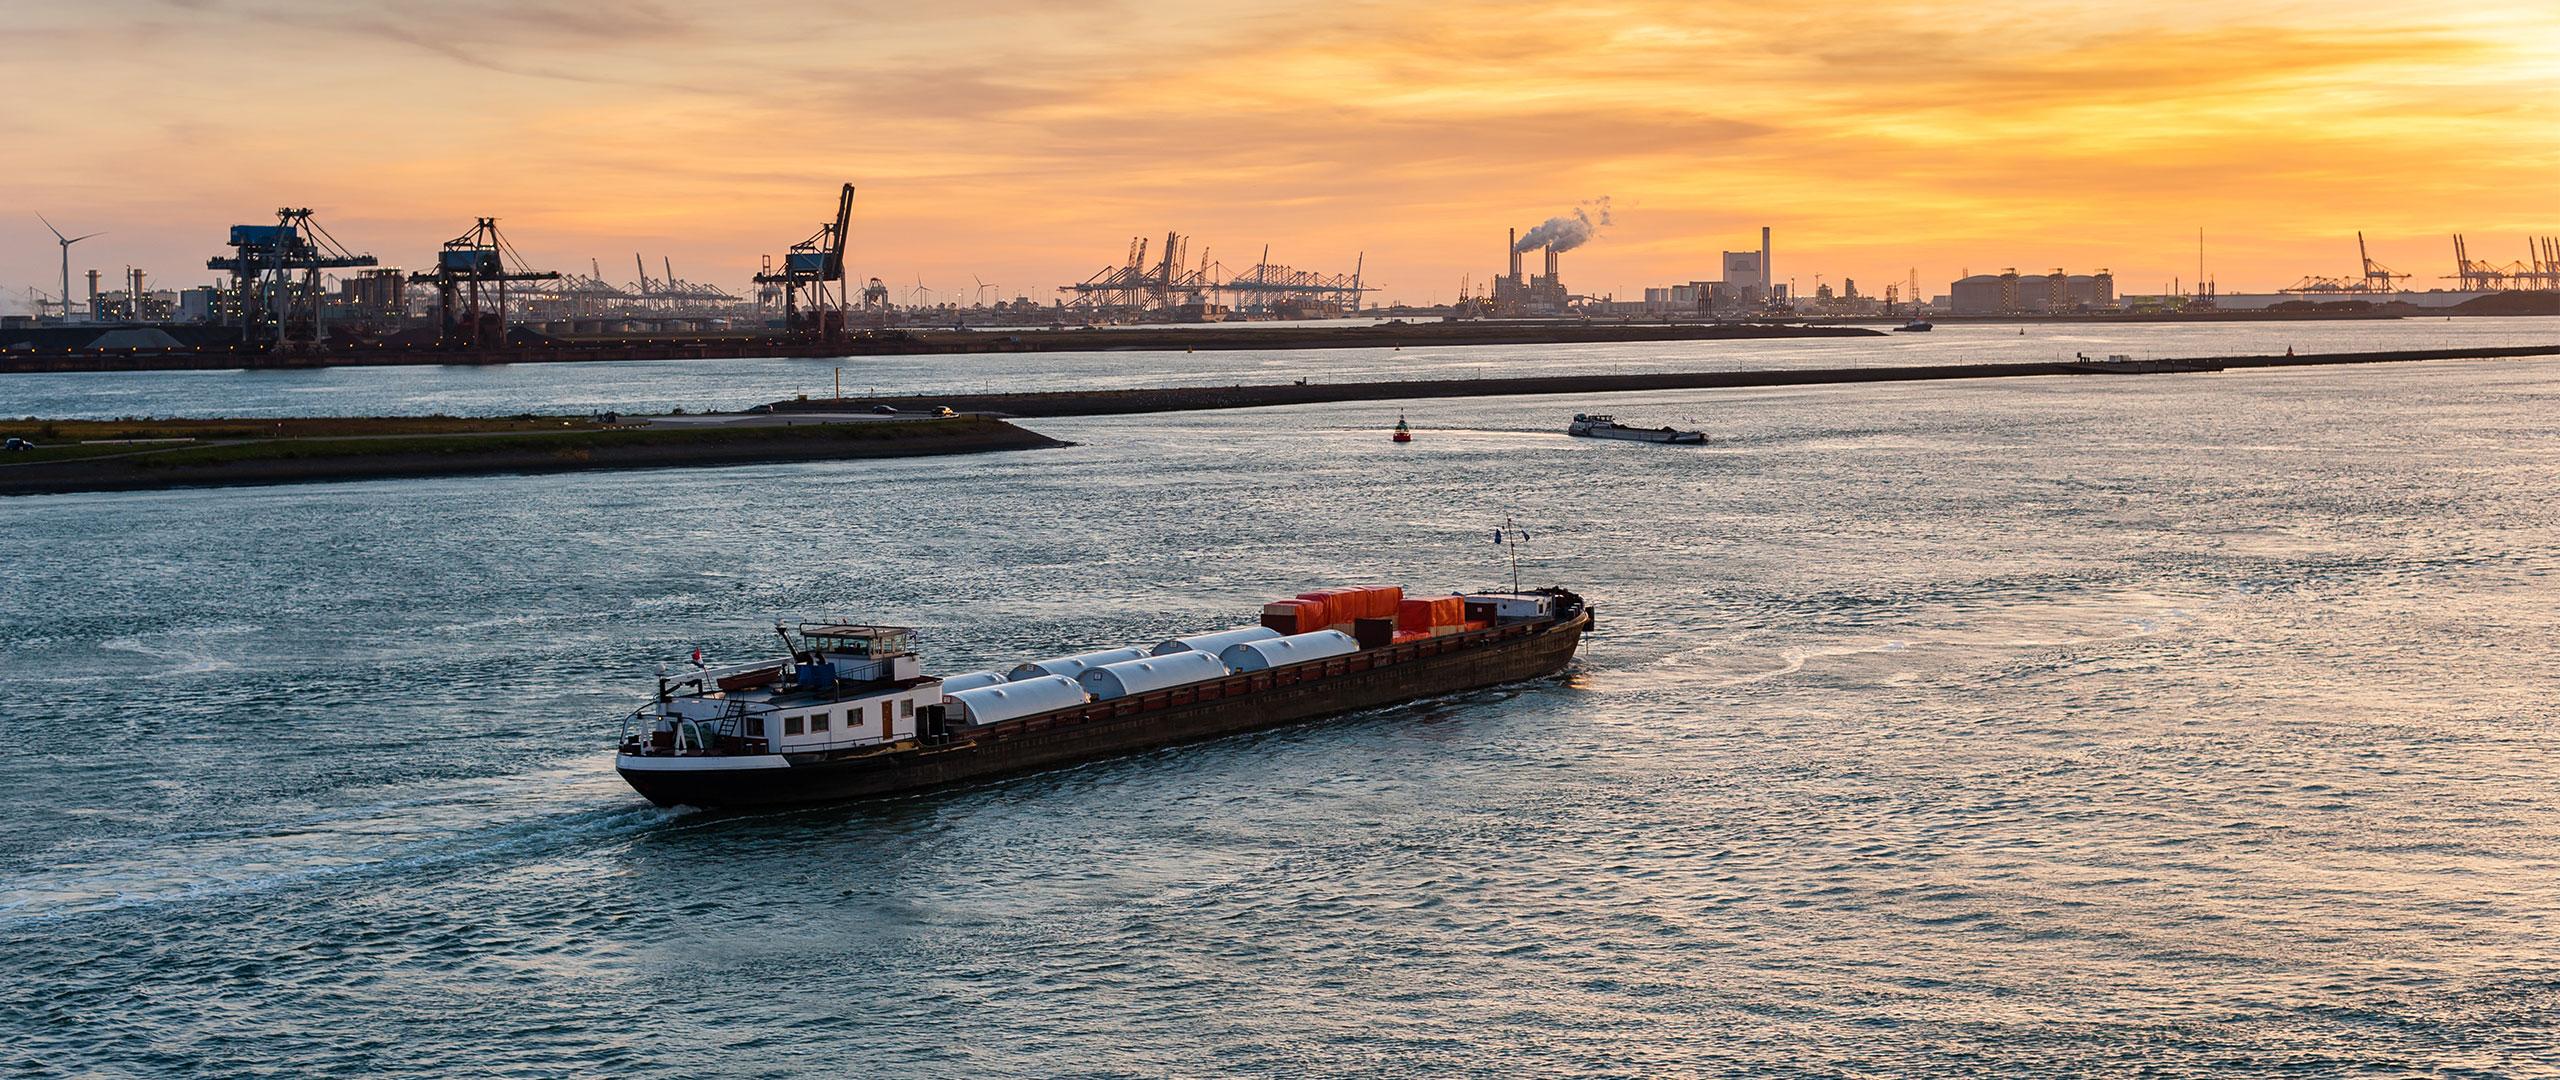 Soluxio OEM mast met zonnepanelen haven in zicht